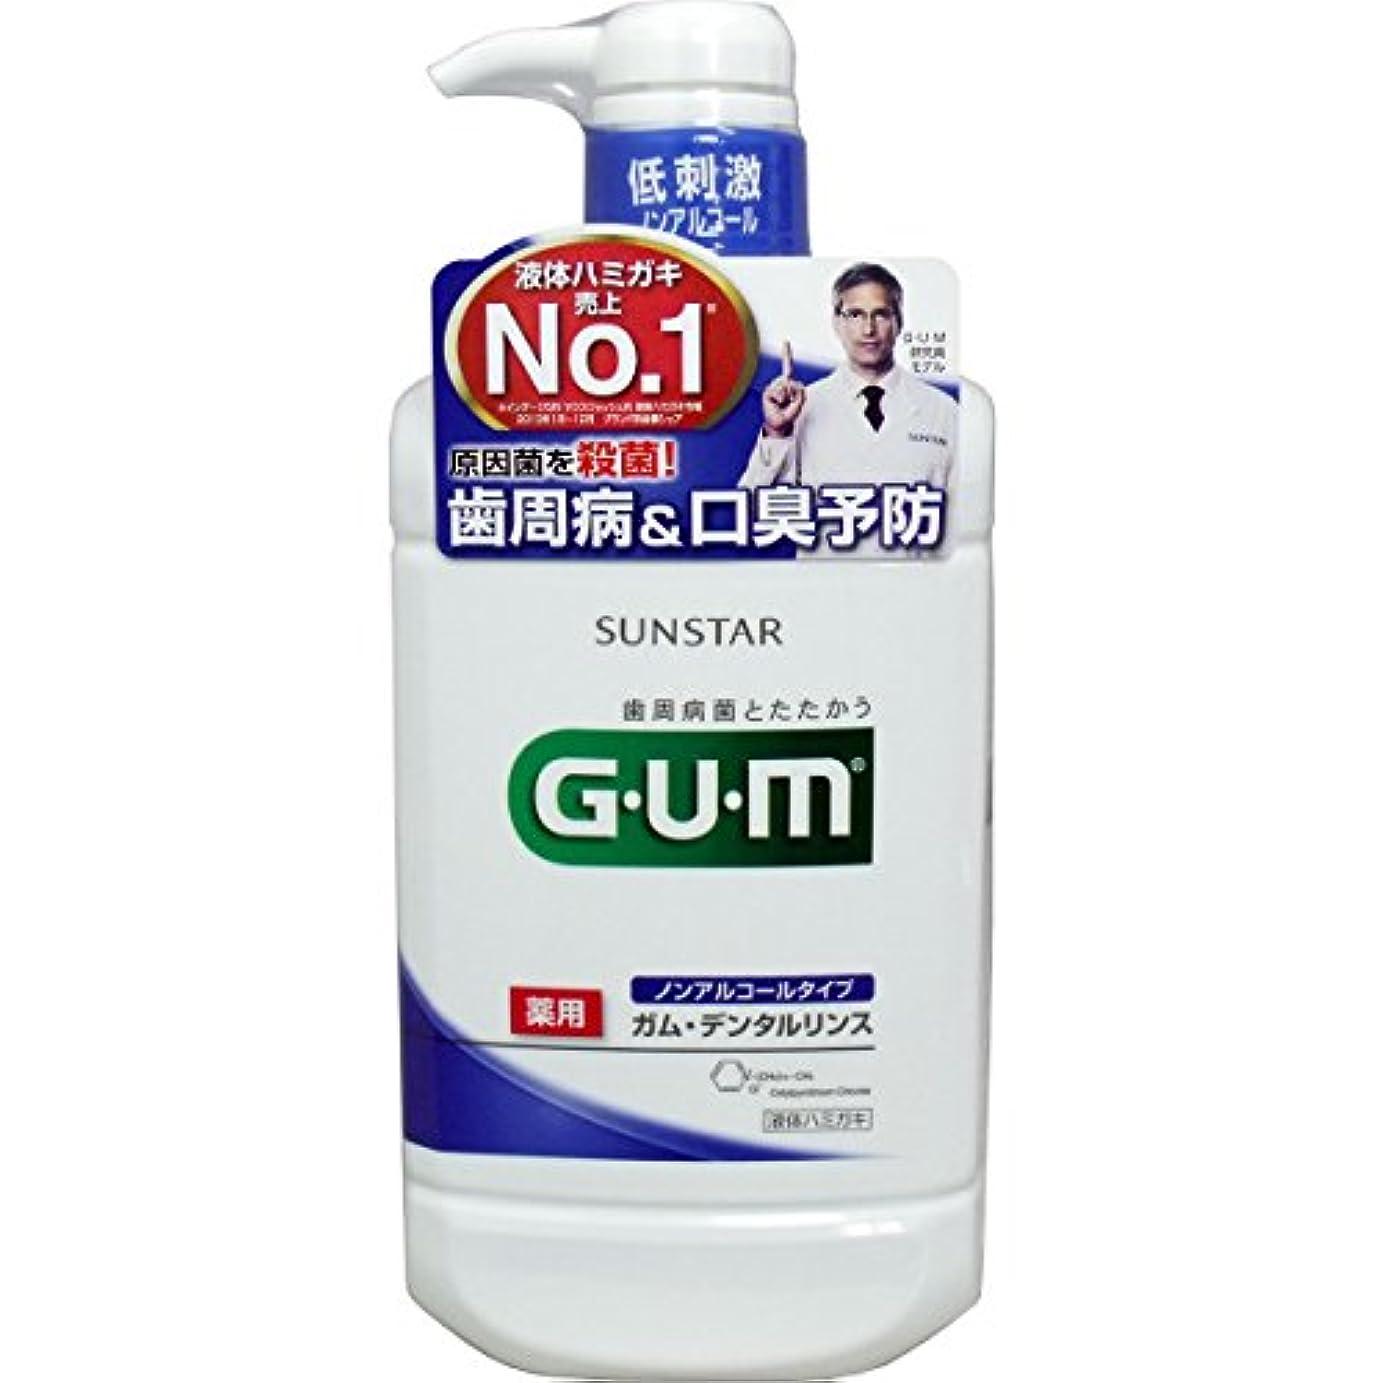 発行フェローシップ栄養【まとめ買い】GUM(ガム)?デンタルリンス (ノンアルコールタイプ) 960mL (医薬部外品)×5個